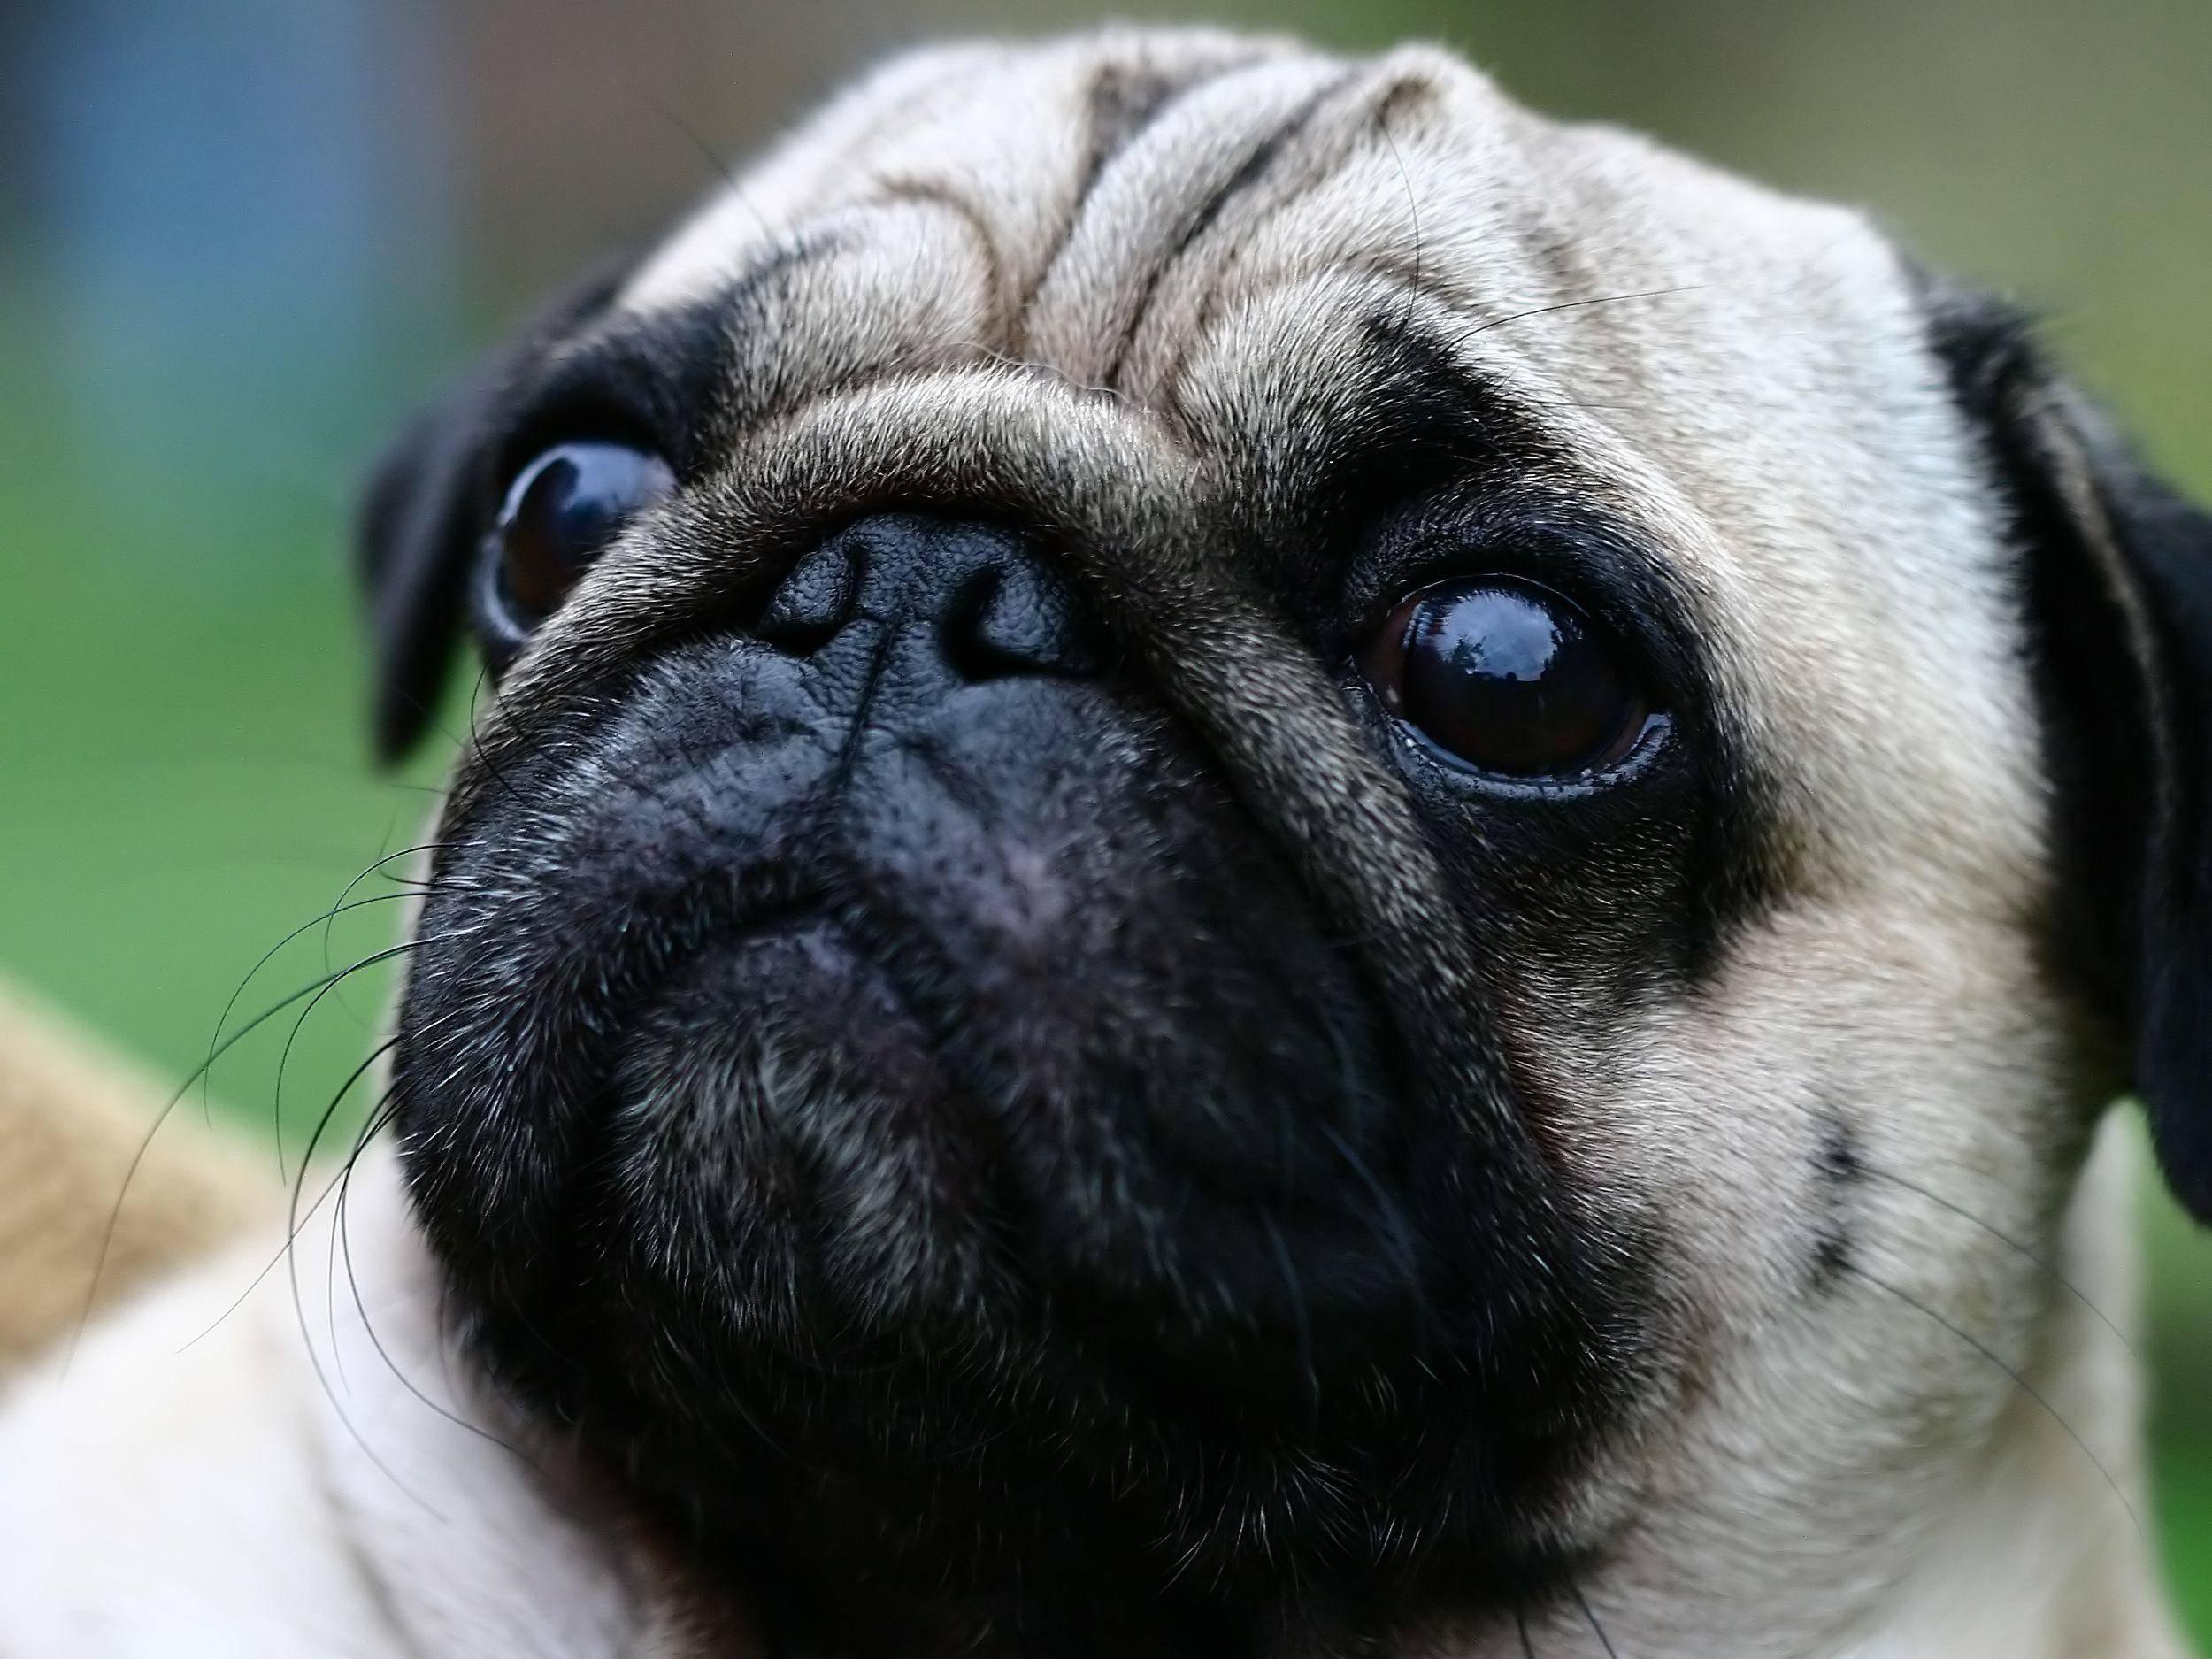 Mops von Nahem: Ein Hund mit Charakter